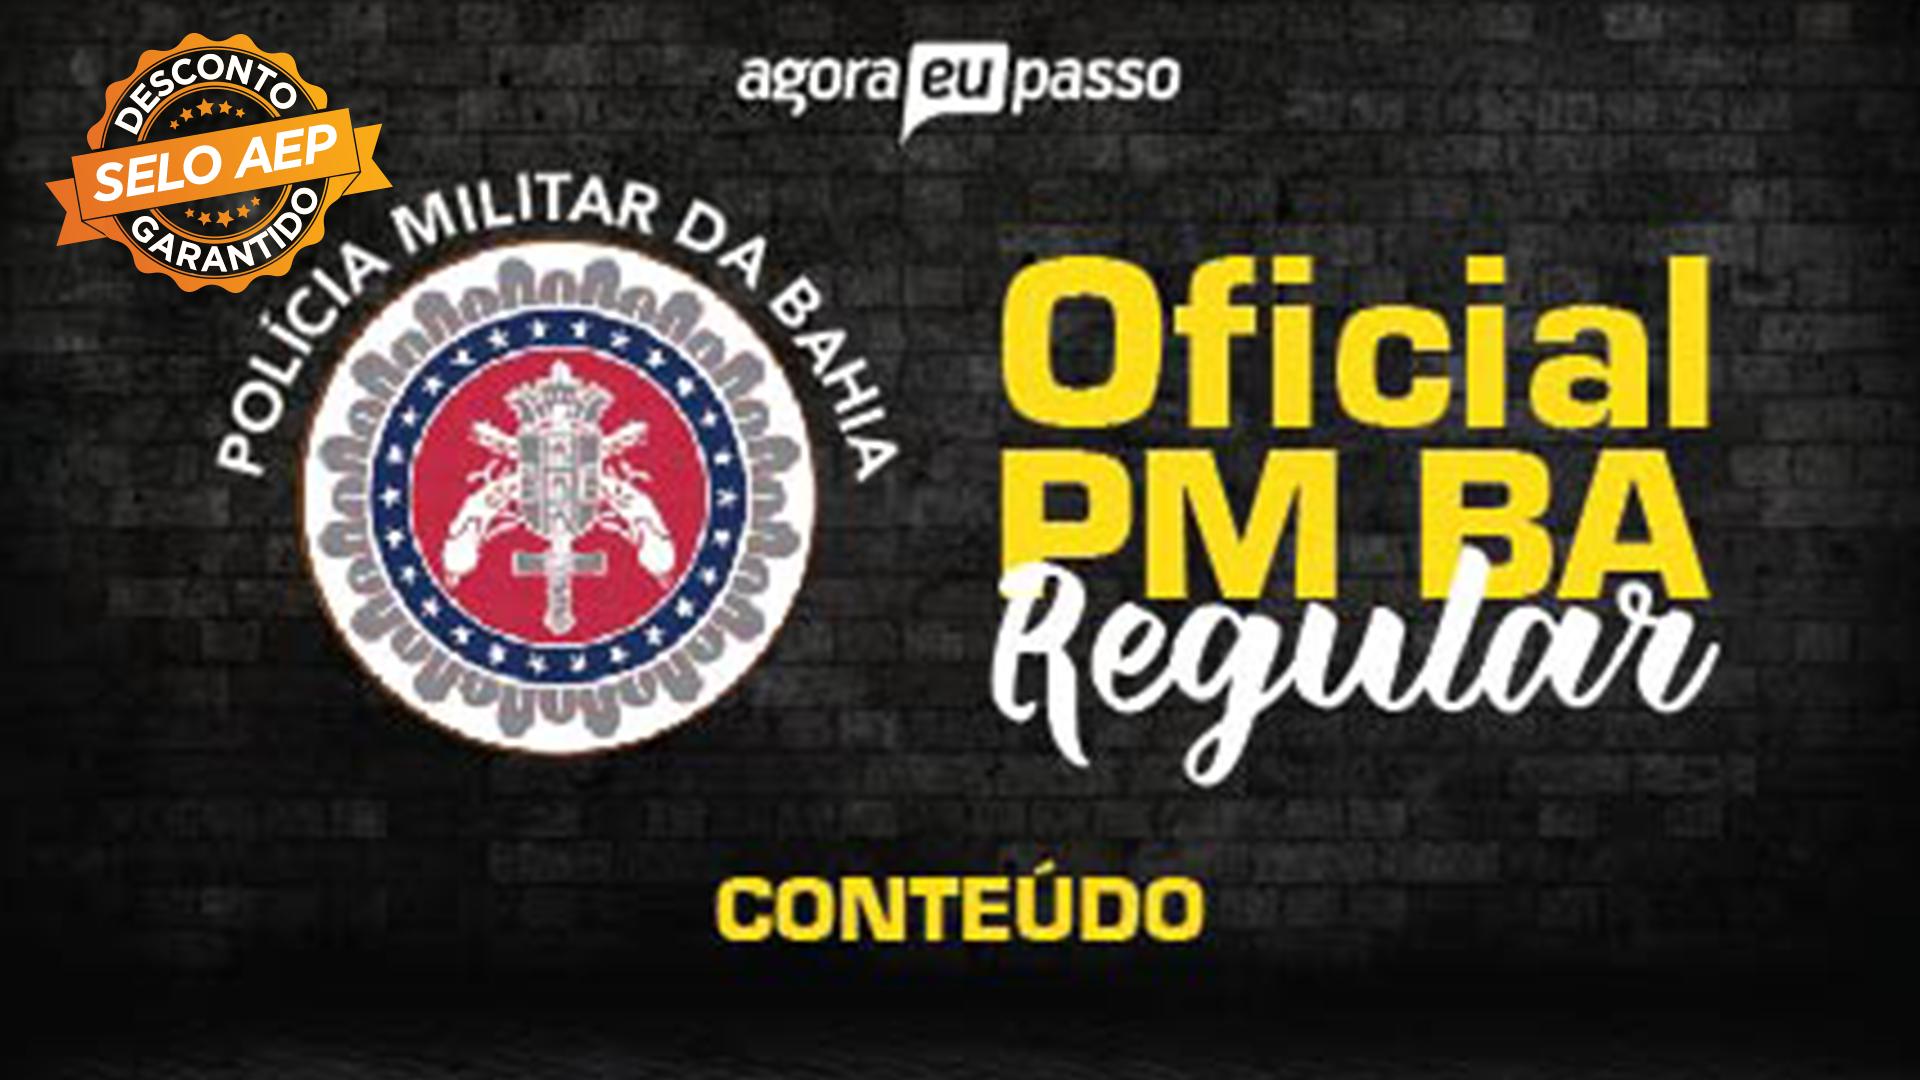 CFO PM BA - Oficial da Polícia Militar da Bahia